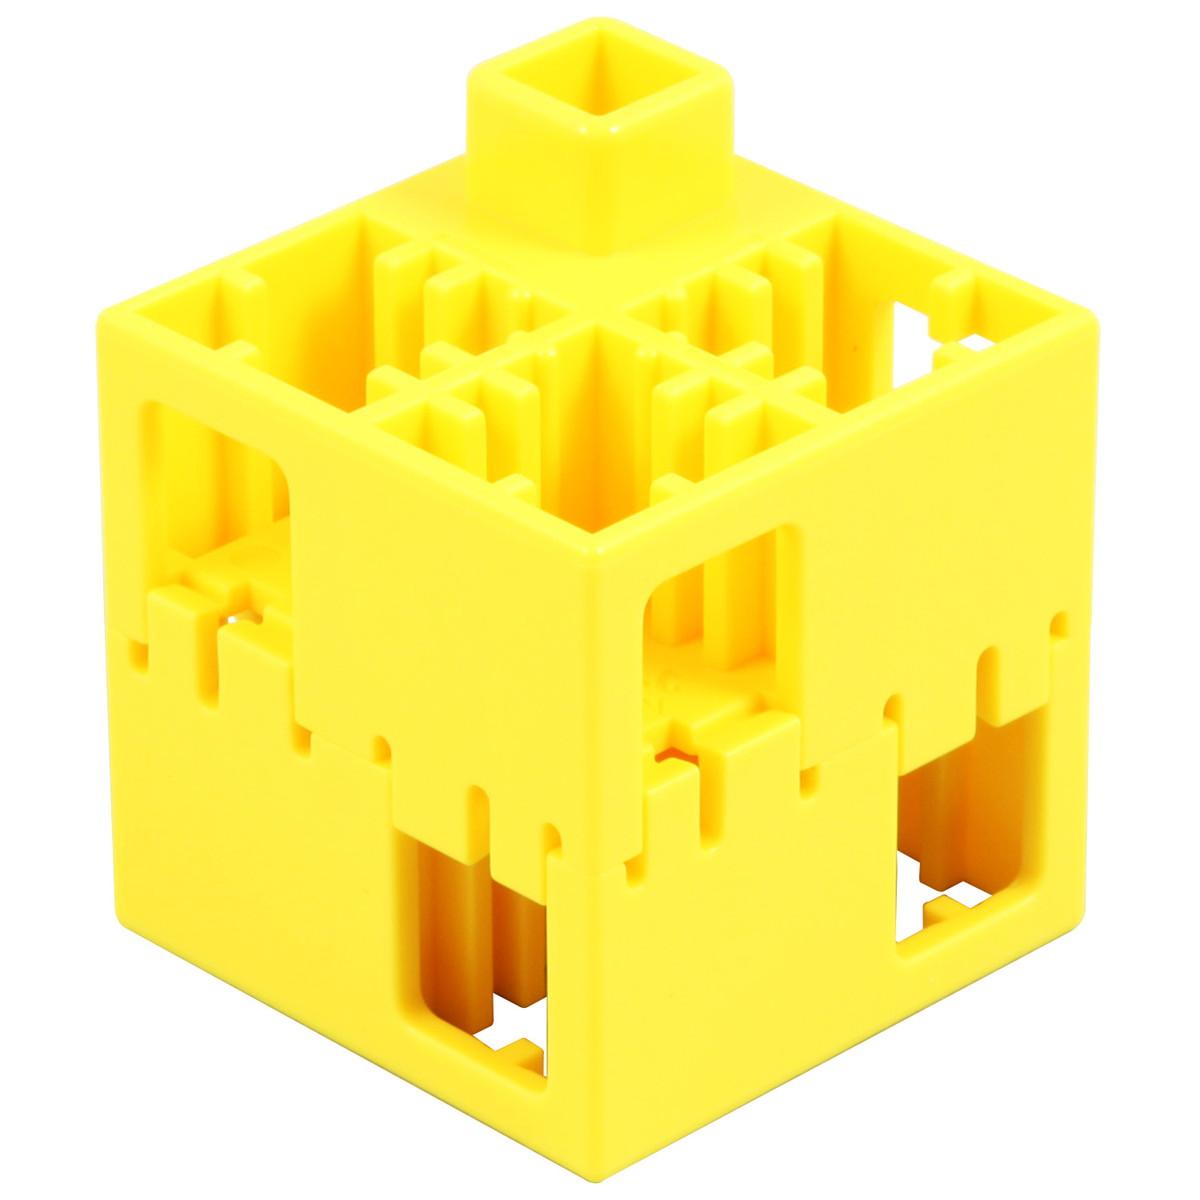 【送料無料!】Artec(アーテック) アーテックLブロック 四角 単色 100ピース黄 #76844